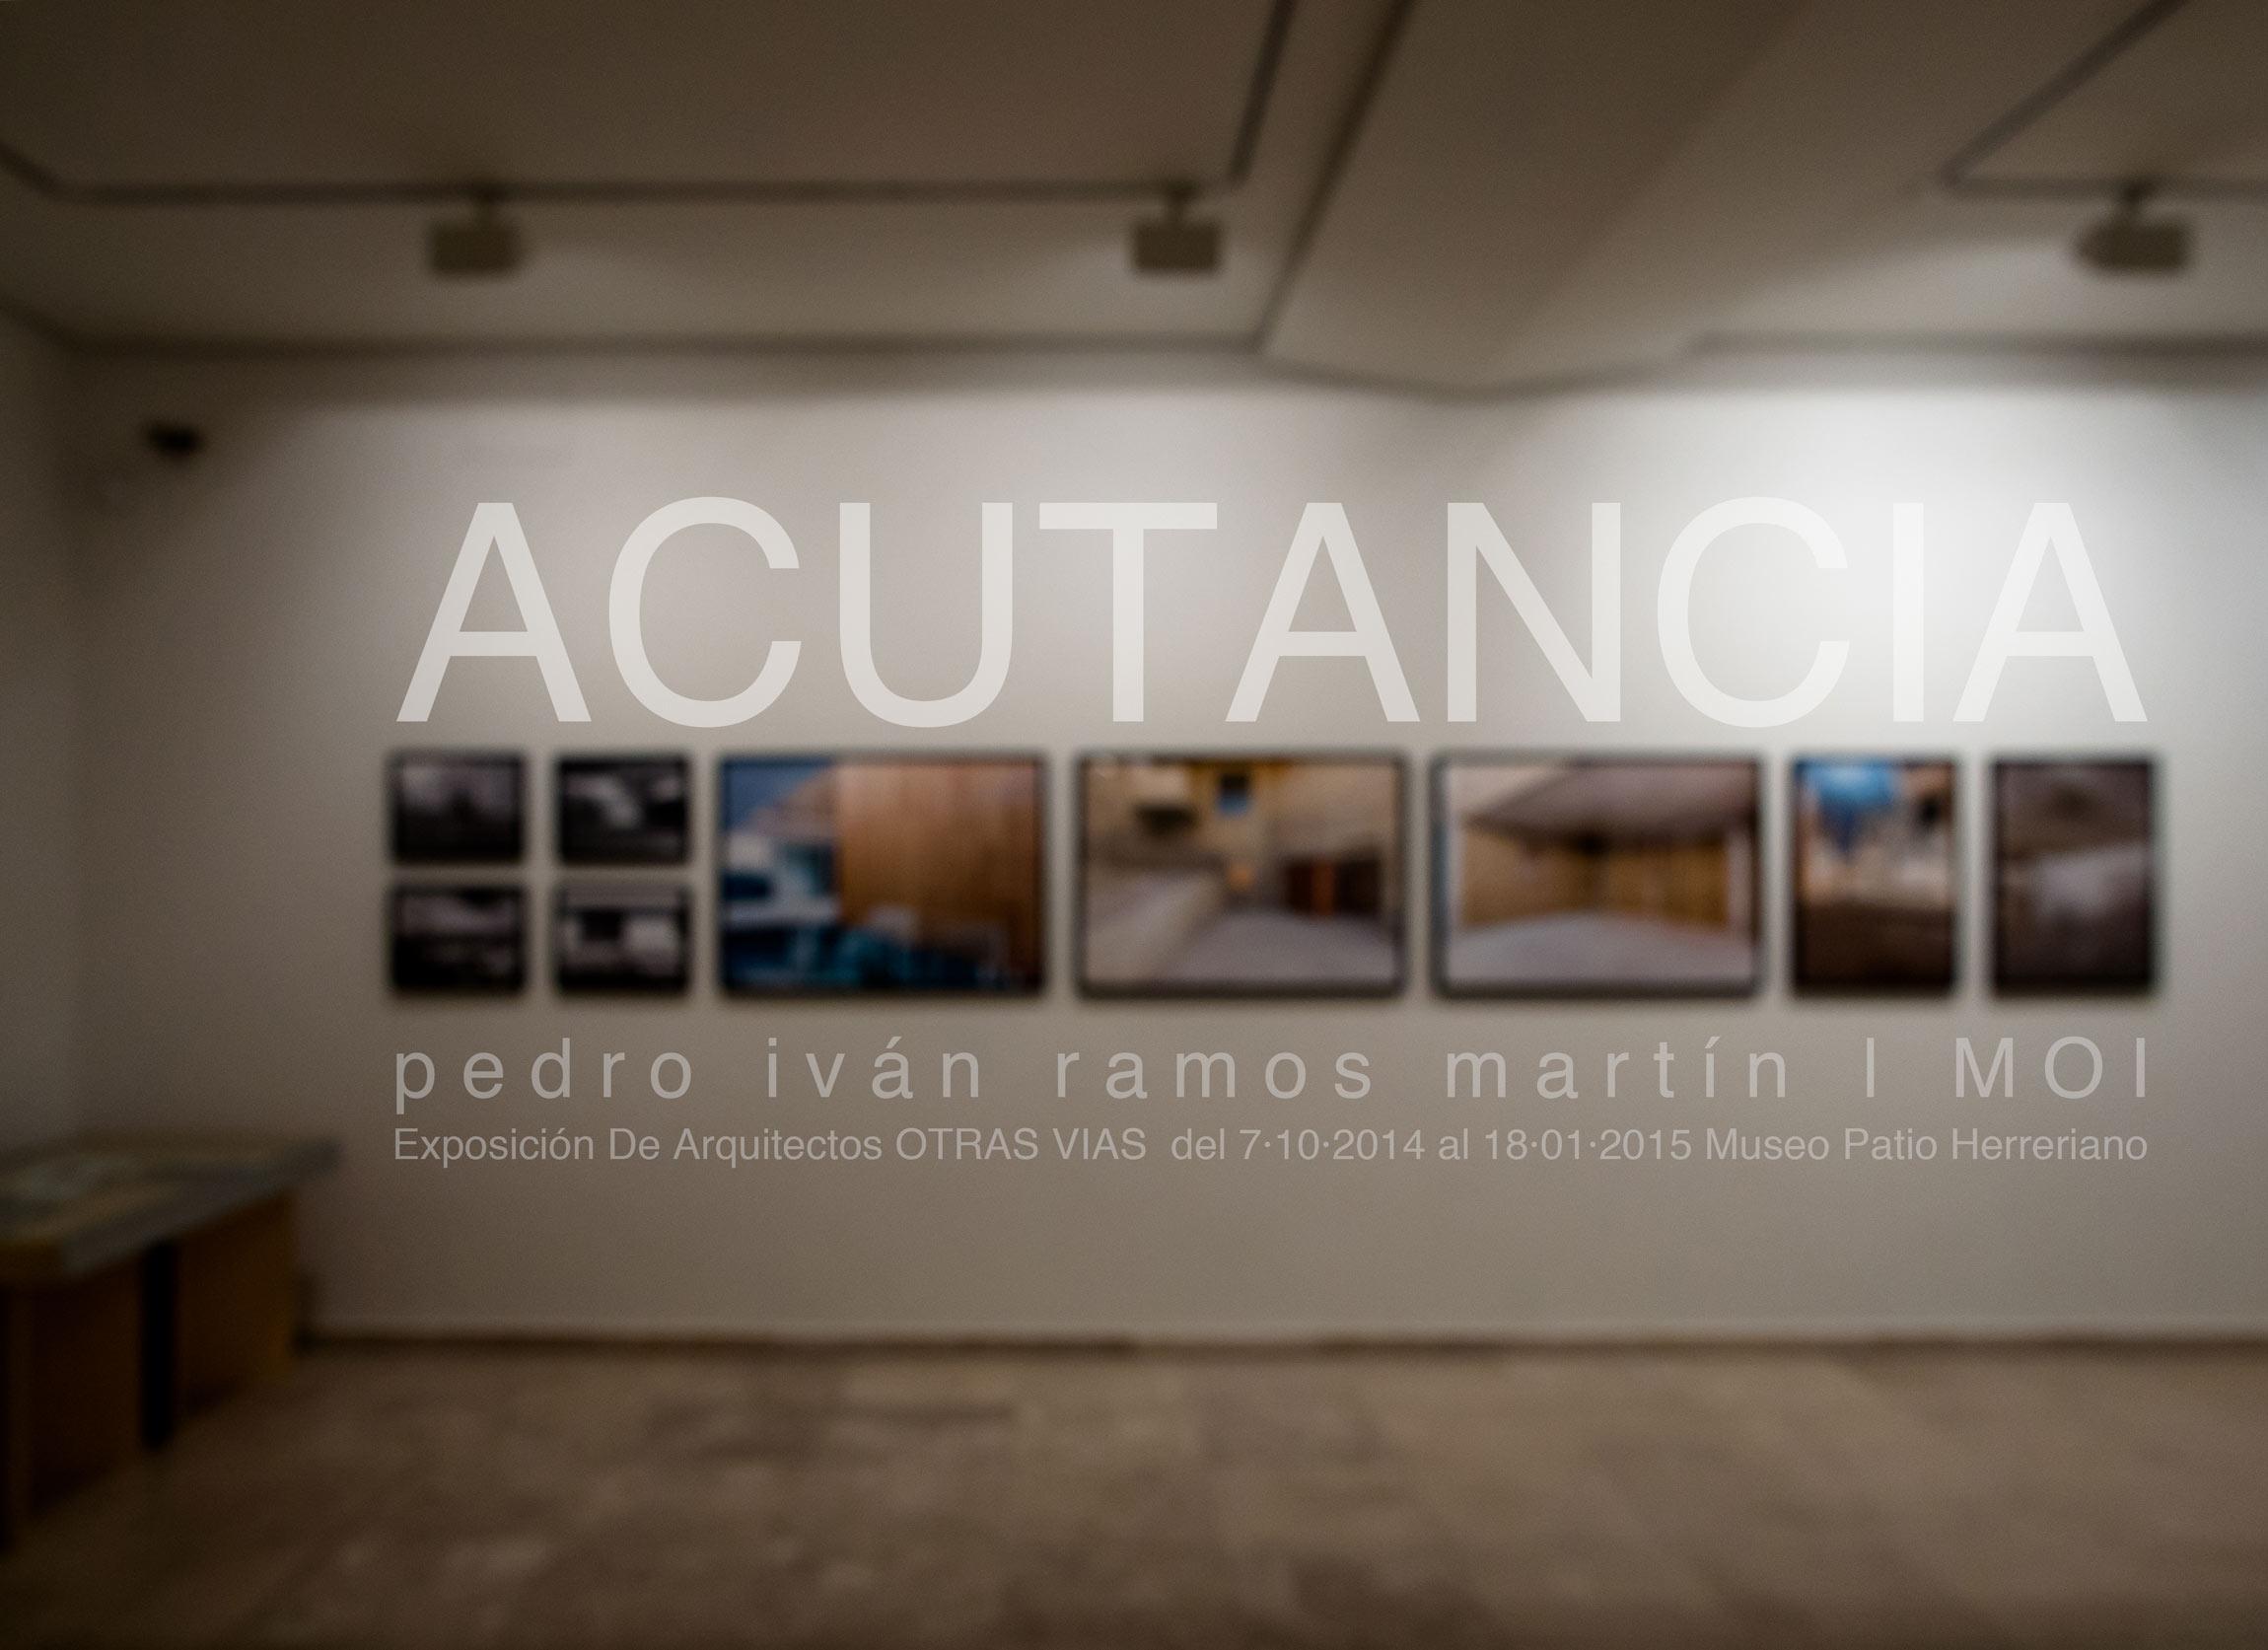 © pedro ivan ramos martin luz10 Expuestos en el Museo Patio Herreriano. Casi nada, oiga.